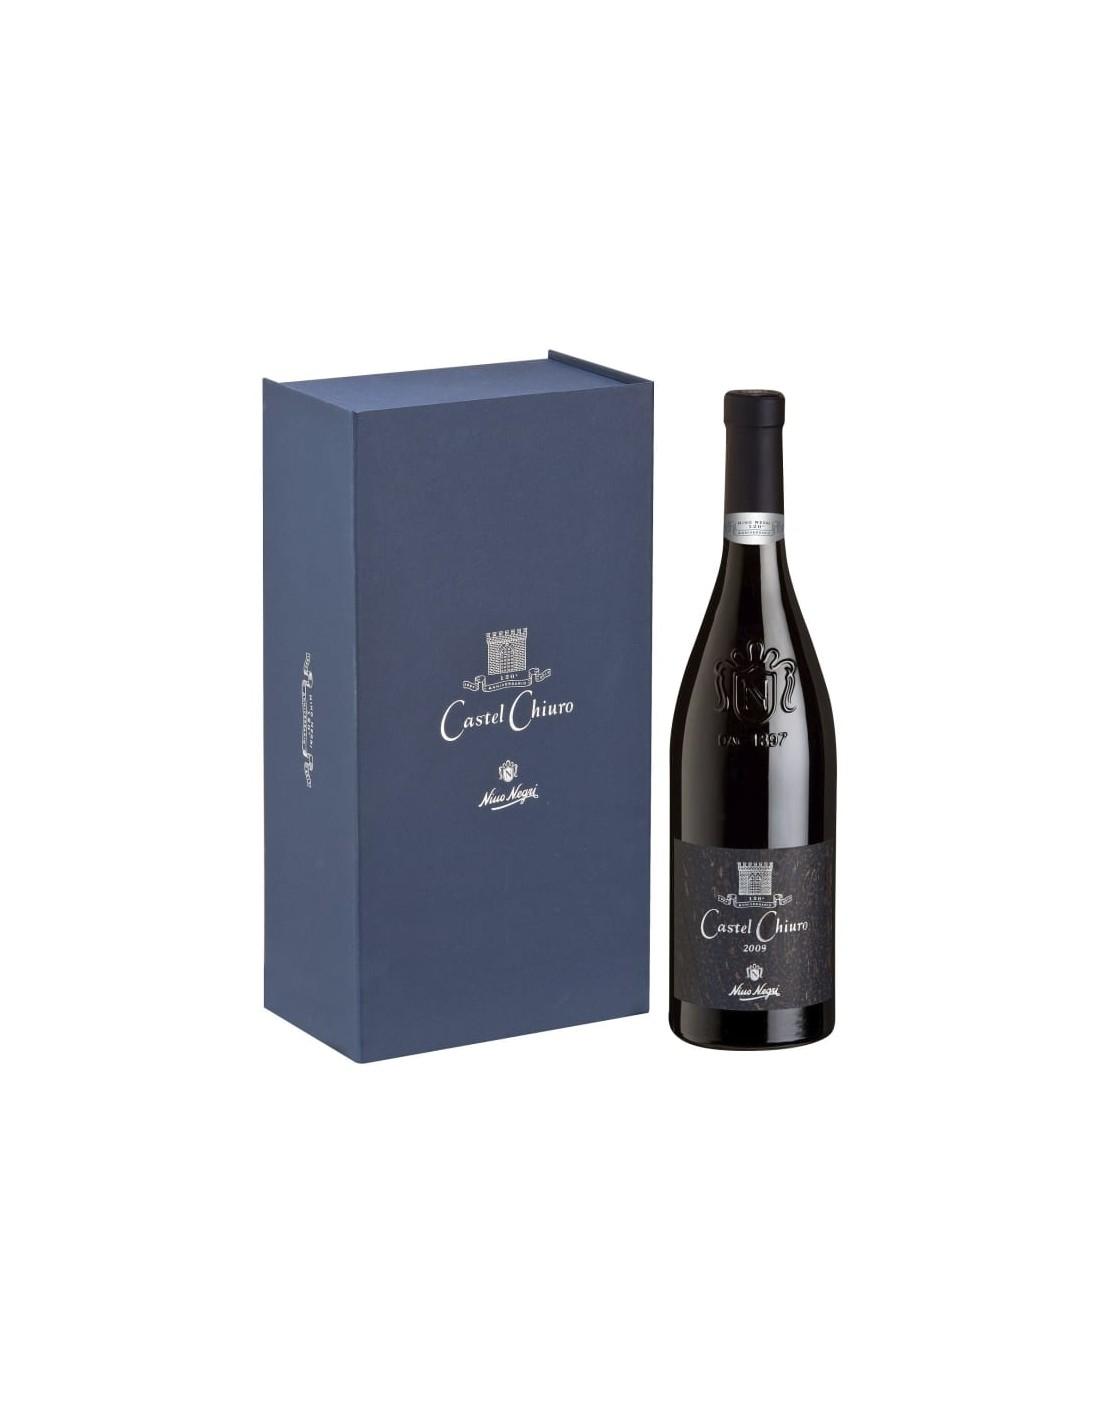 Vin rosu, Nino Negri Castel Chiuro + cutie, 13.5% alc., 0.75L, Italia